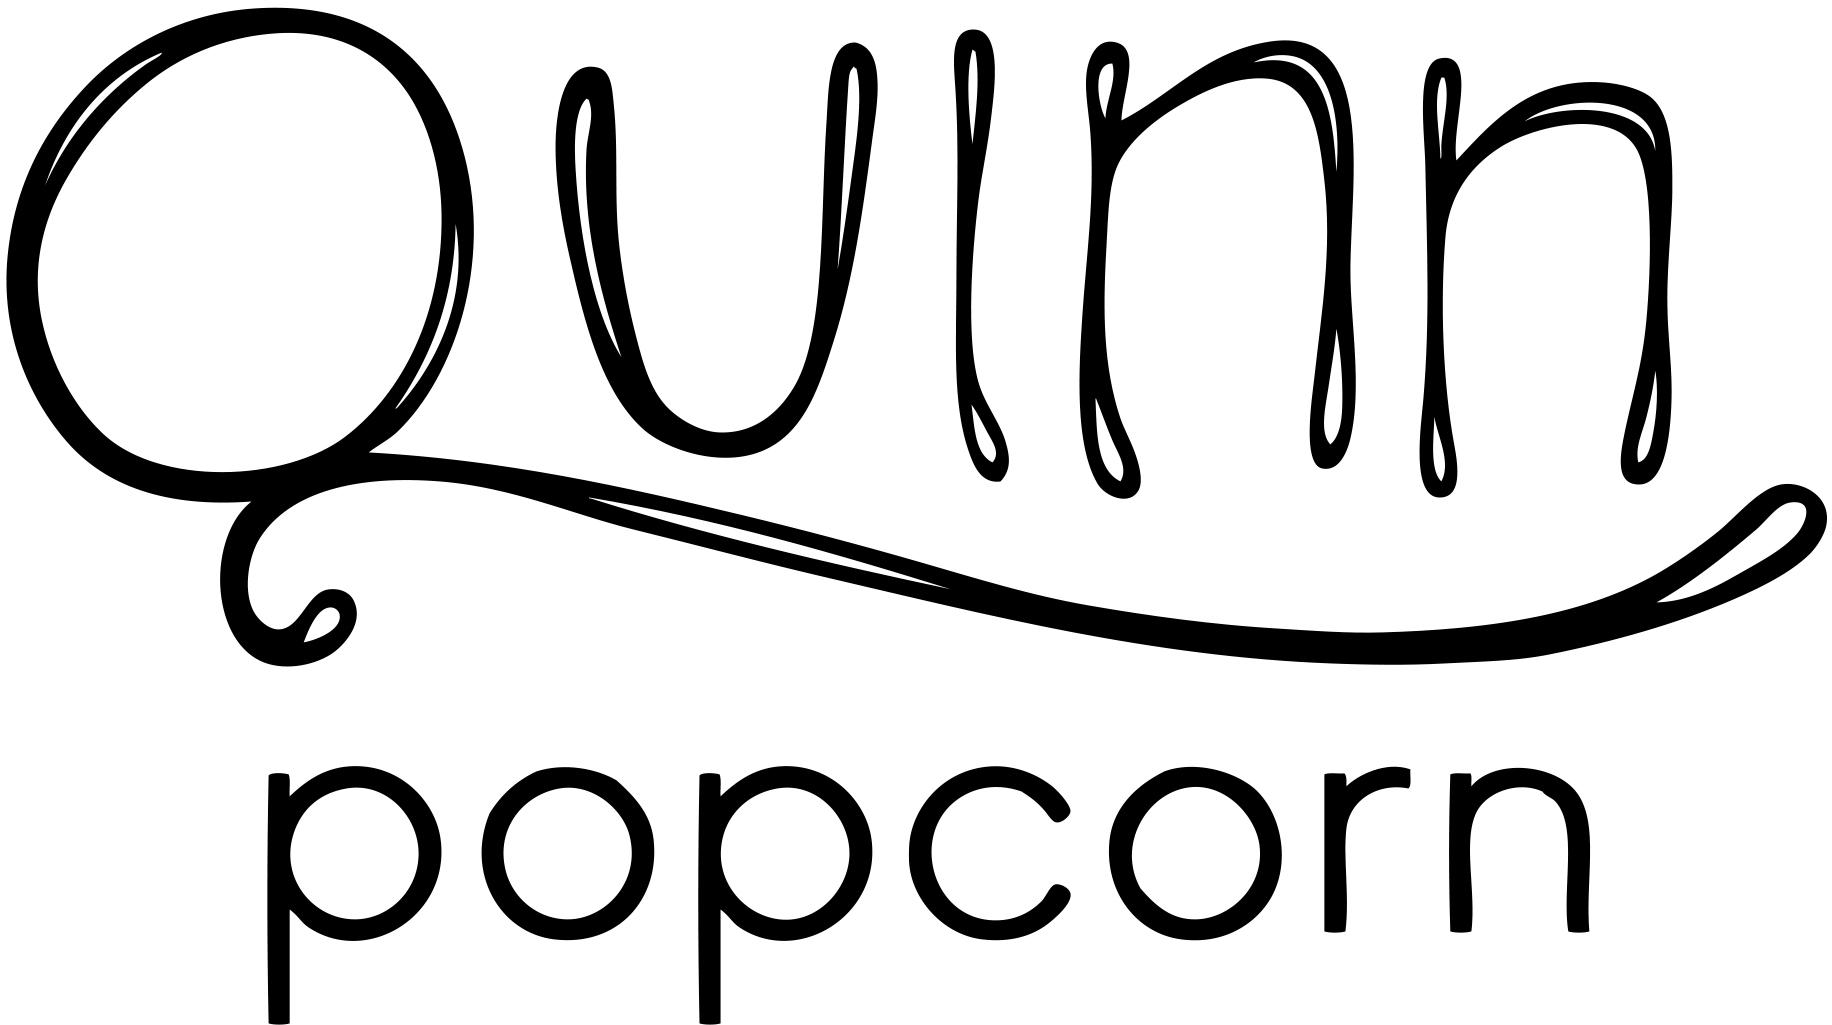 quinn_popcorn.jpg